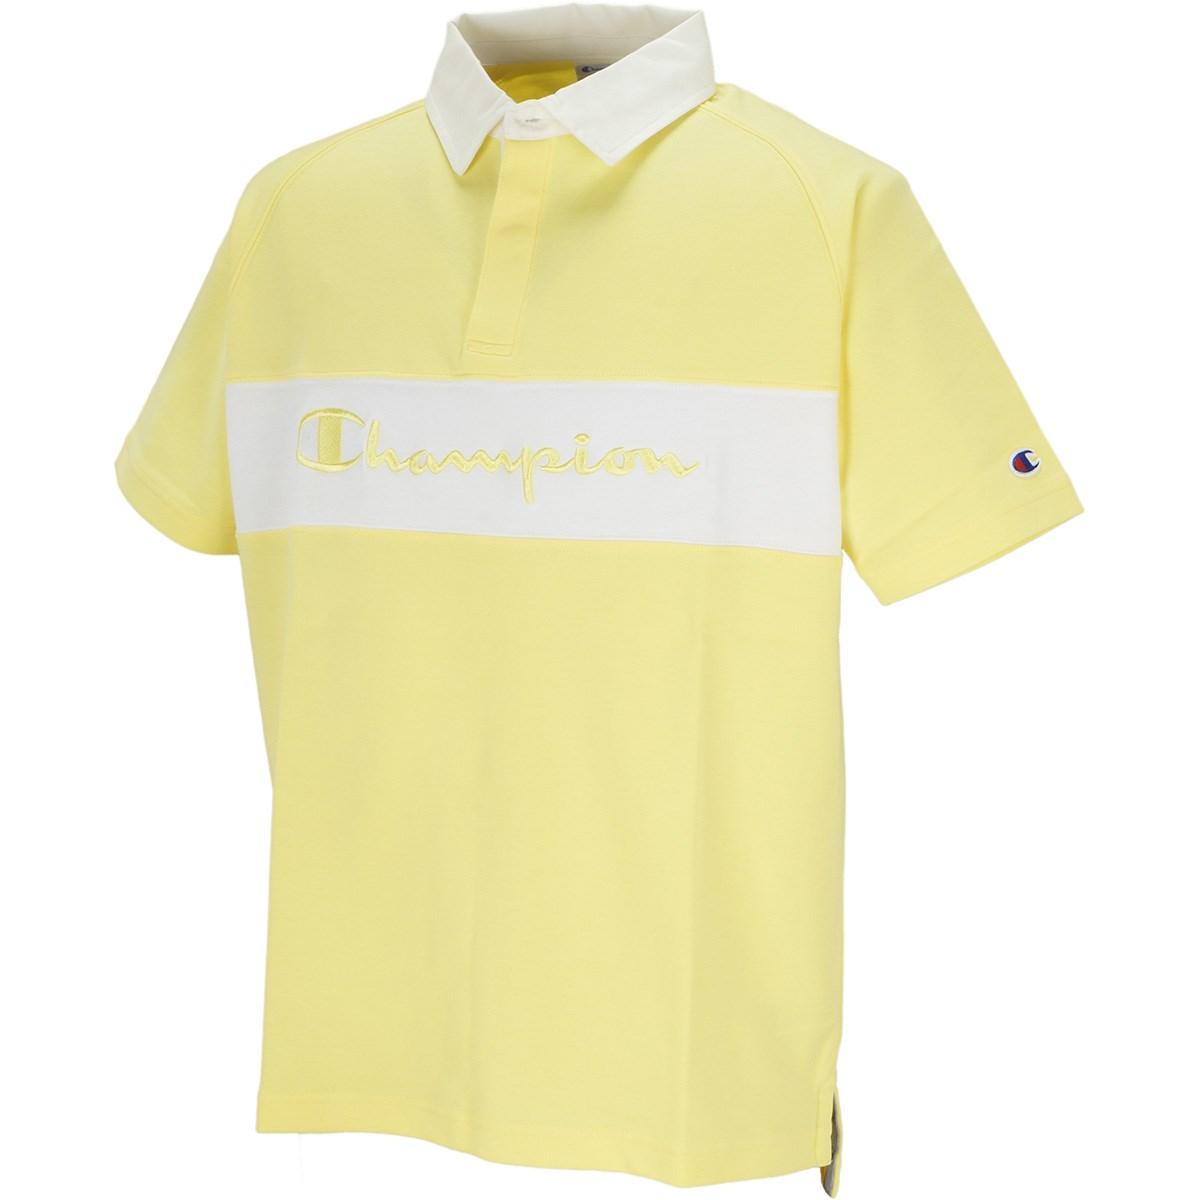 チャンピオンゴルフ Champion GOLF ポンチ 半袖ポロシャツ M イエロー 740